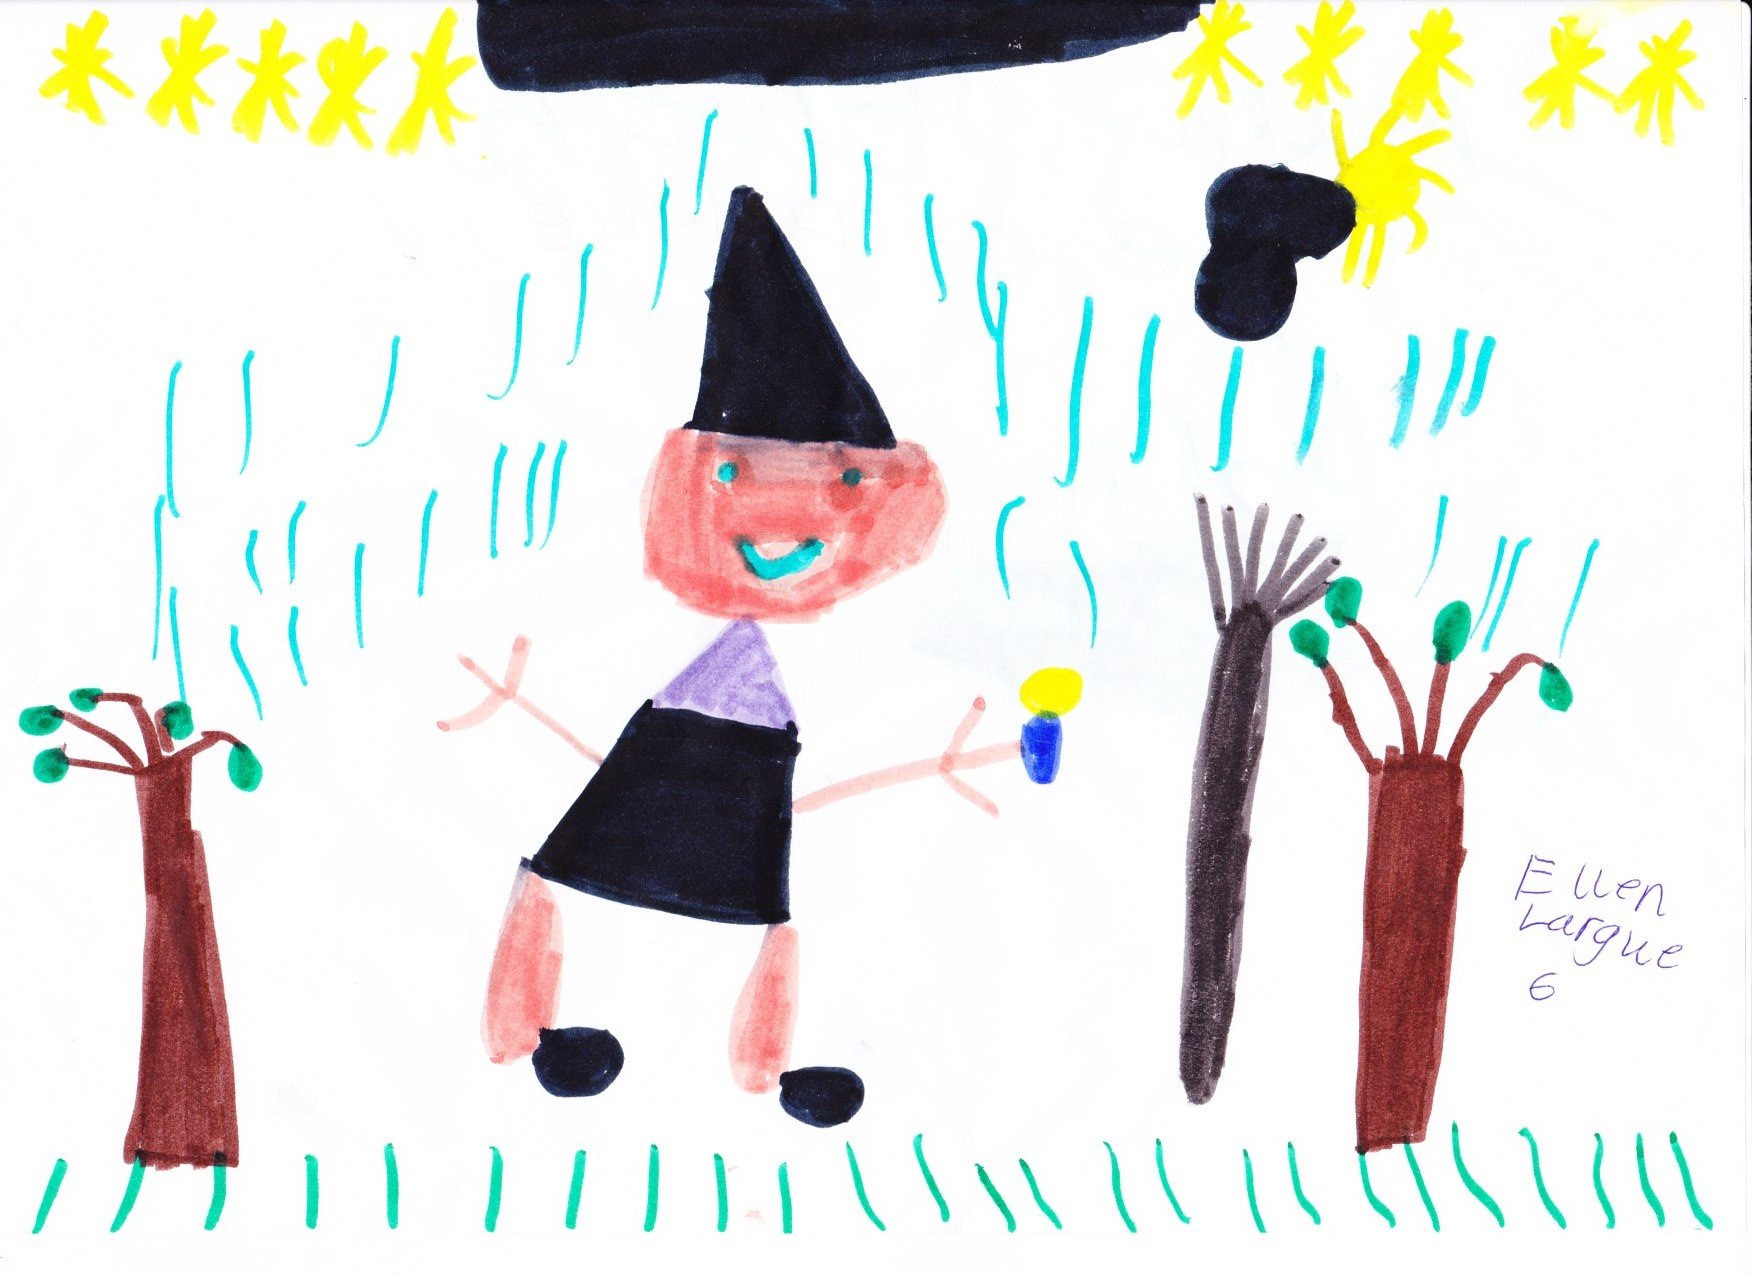 Ellen Largue, Age 6